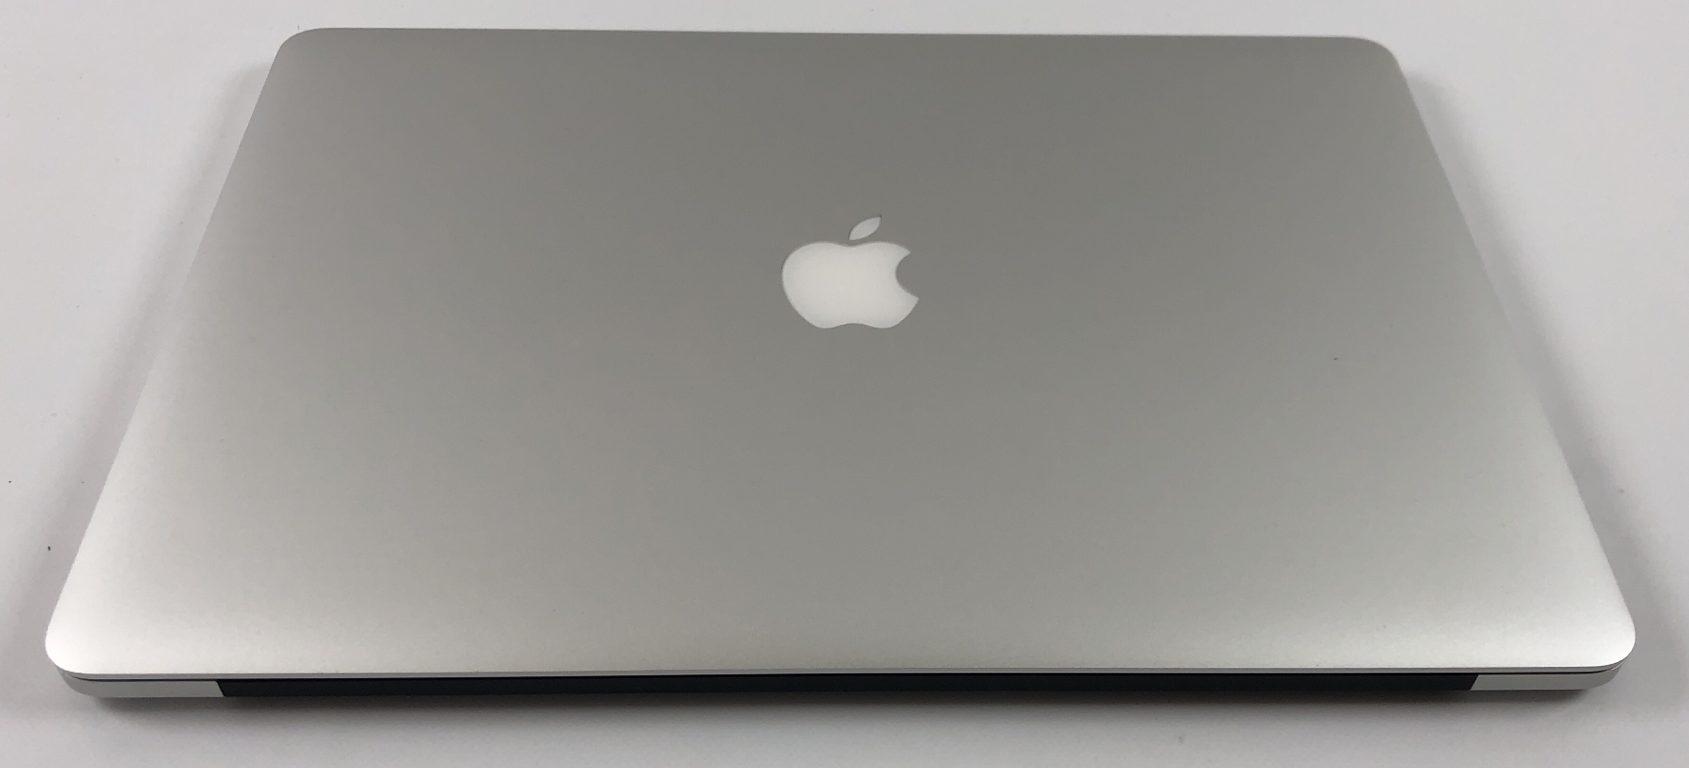 """MacBook Pro Retina 15"""" Mid 2015 (Intel Quad-Core i7 2.2 GHz 16 GB RAM 256 GB SSD), Intel Quad-Core i7 2.2 GHz, 16 GB RAM, 256 GB SSD, imagen 2"""